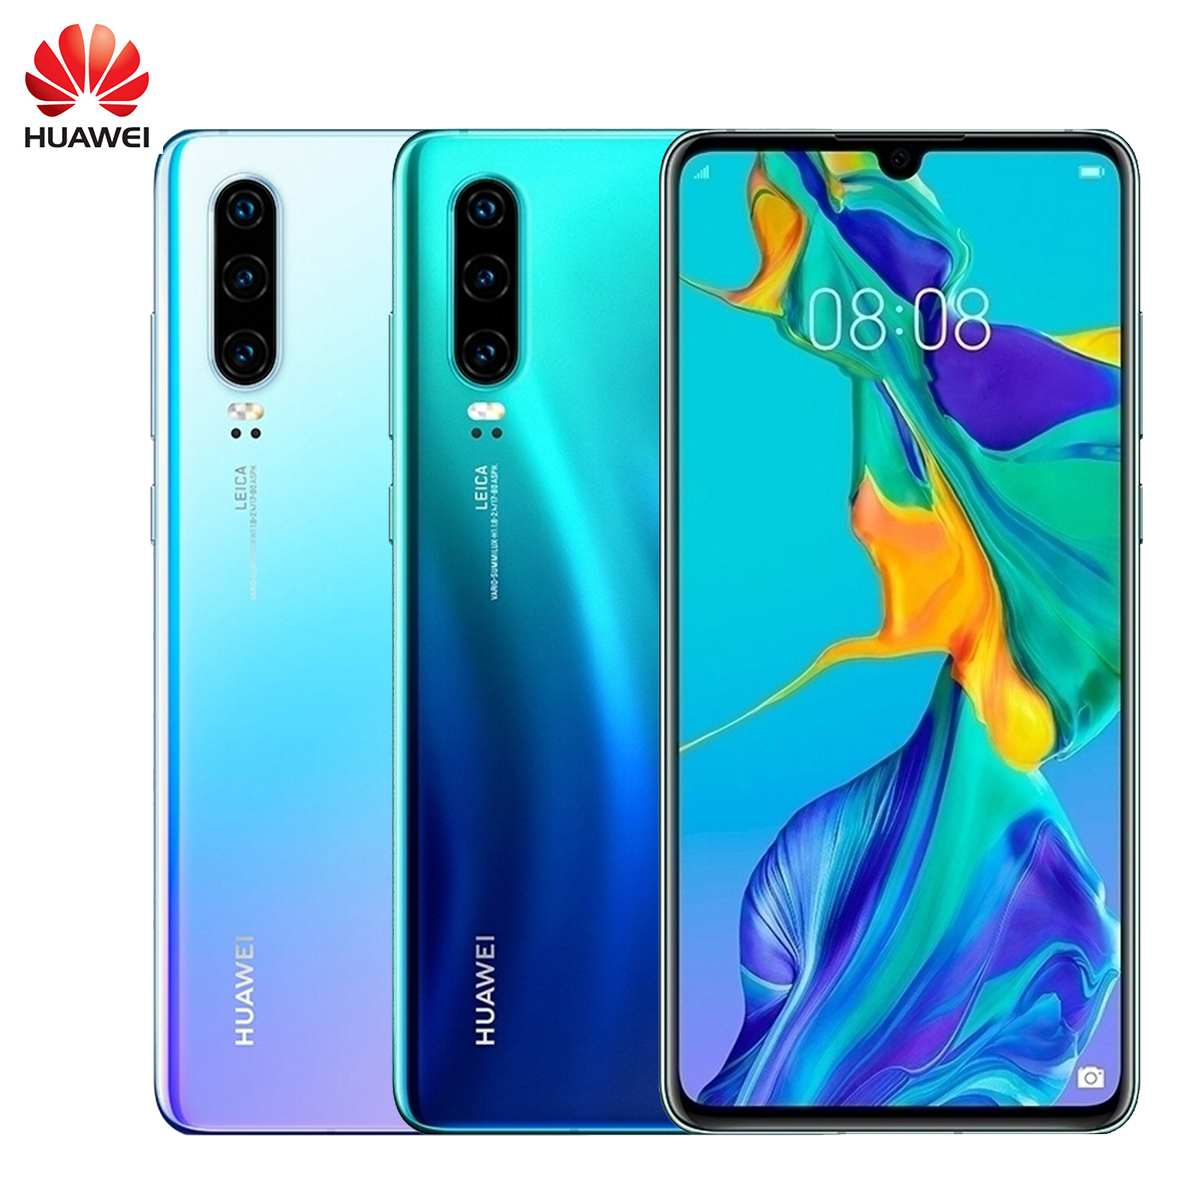 Купить Оригинальный смартфон HUAWEI P30 128 ГБ + 8 Гб 6,1 дюйма Kirin 980 Восьмиядерный мобильный телефон Android 9,0 две sim-карты 3650 мАч 4 камеры на Алиэкспресс